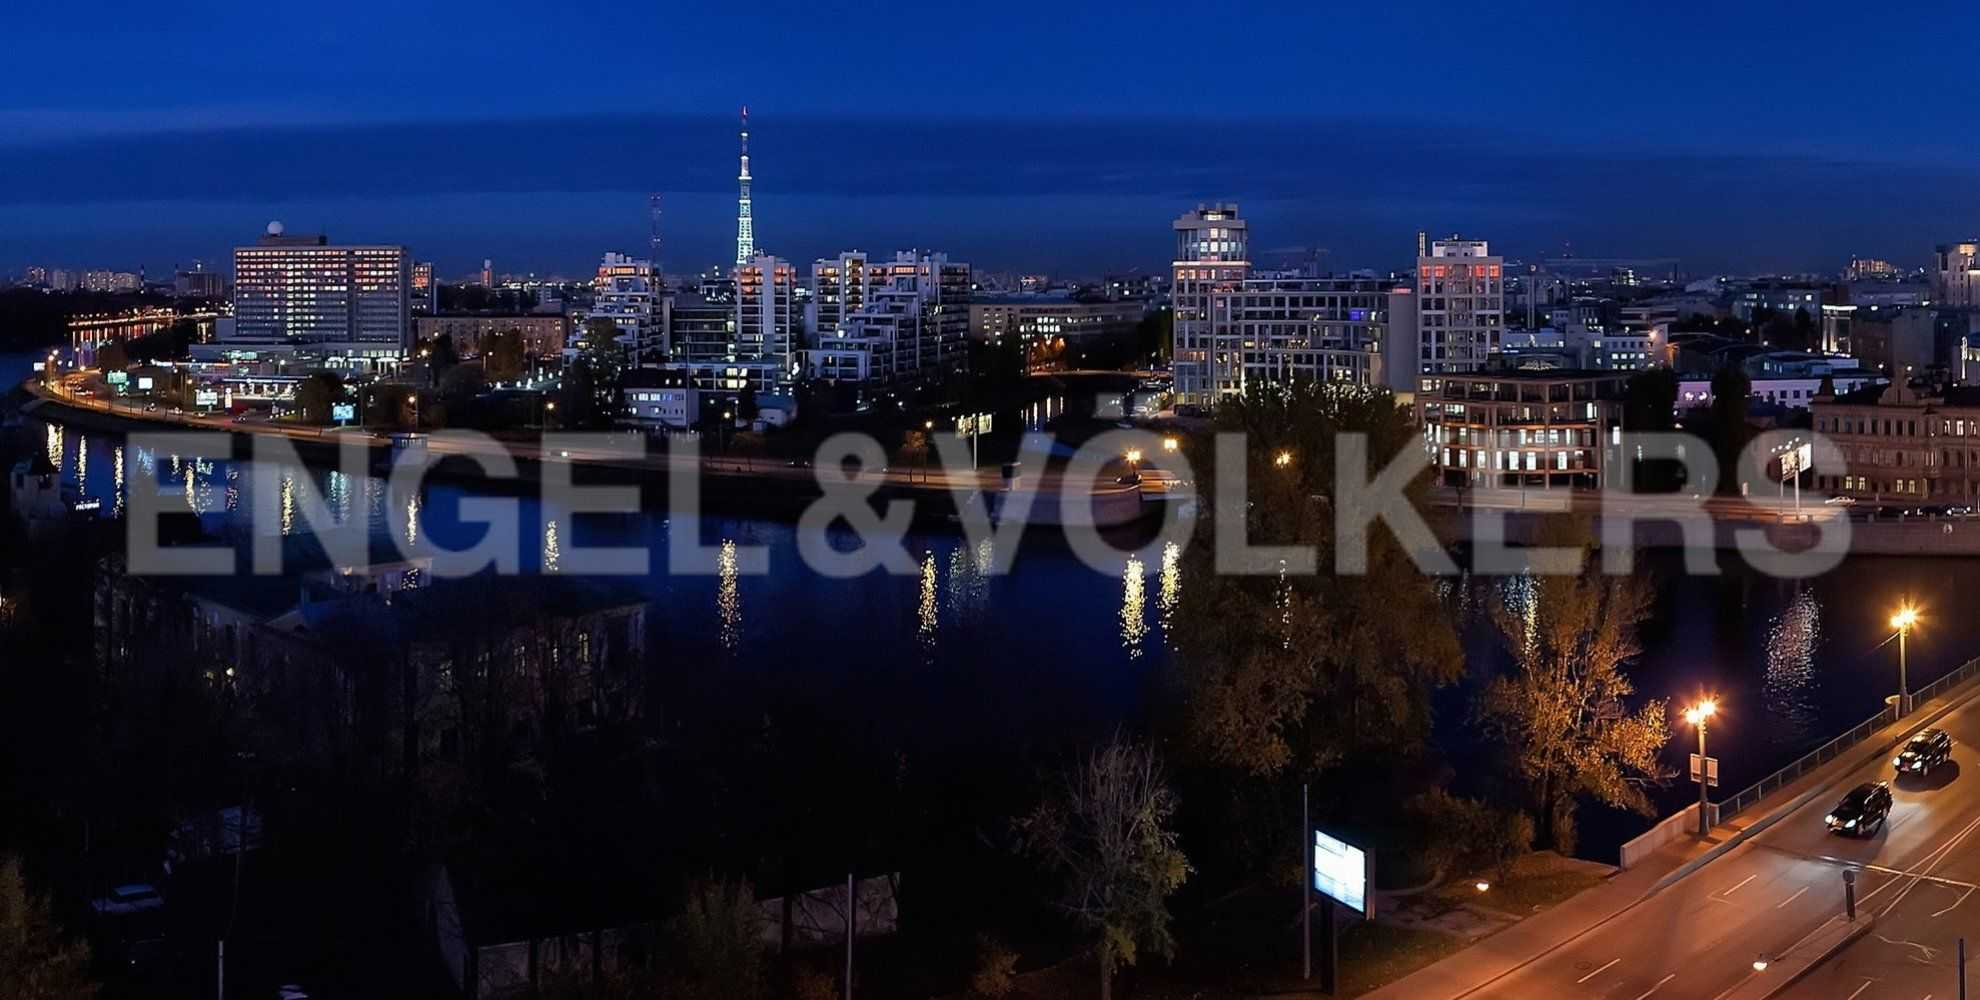 Элитные квартиры на Крестовском острове. Санкт-Петербург, Вязовая, 8. Вид в вечернее время